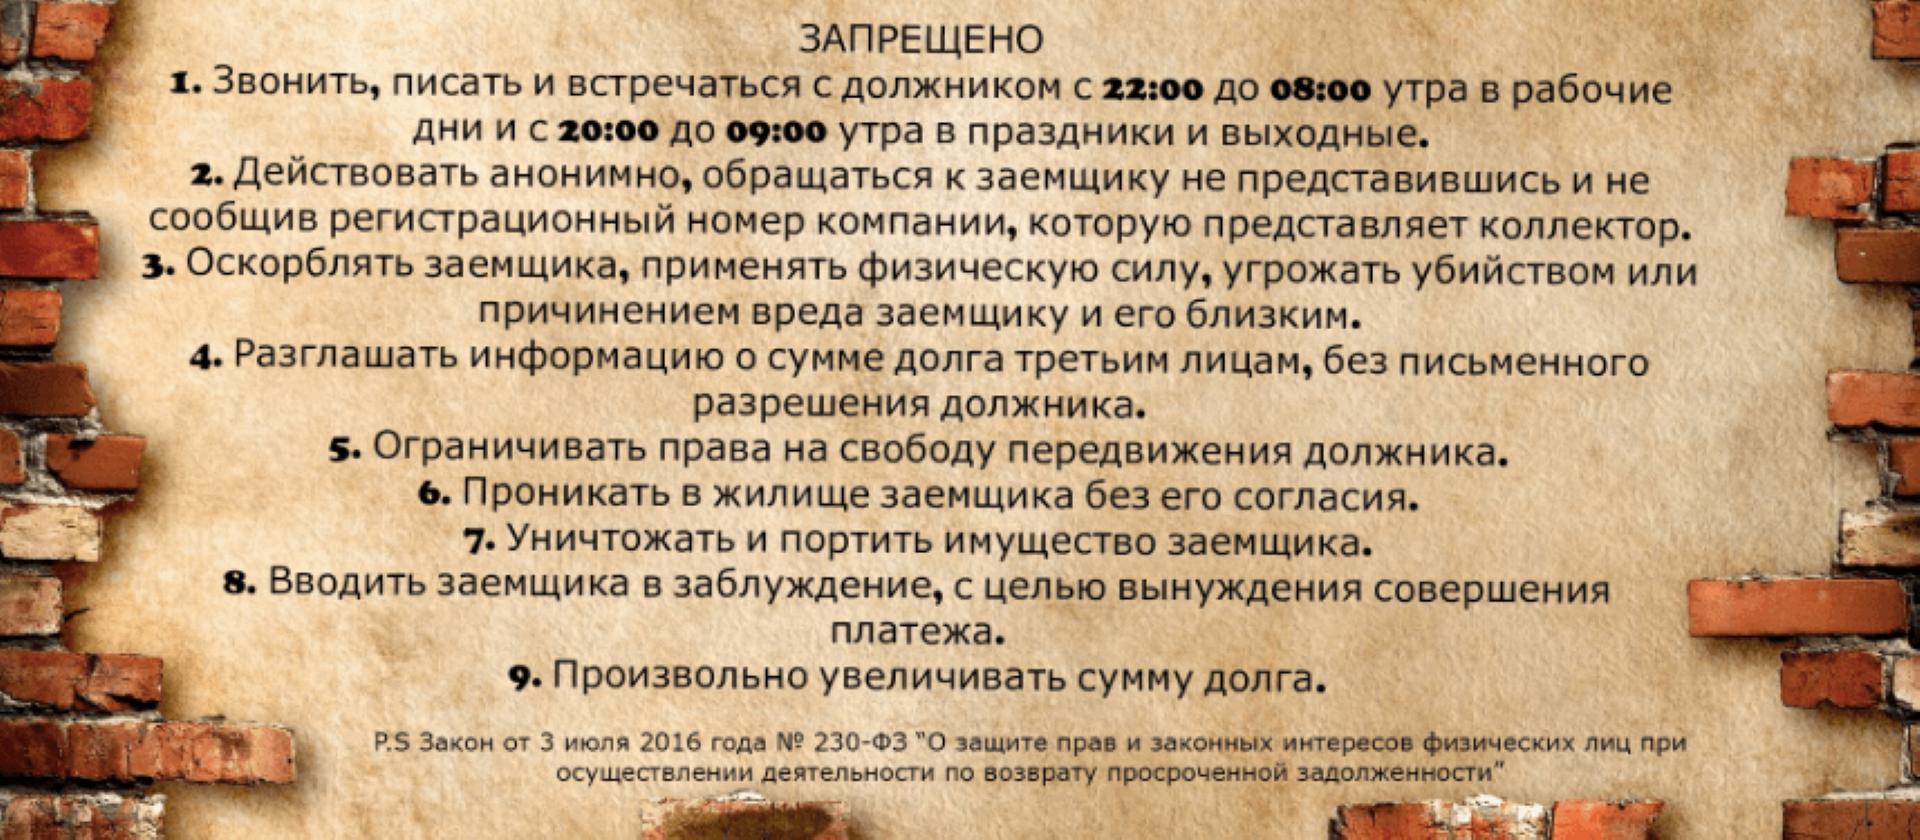 Изображение - Что коллекторы не могут делать при работе с должниками CHto-ne-mogut-delat-kollektory